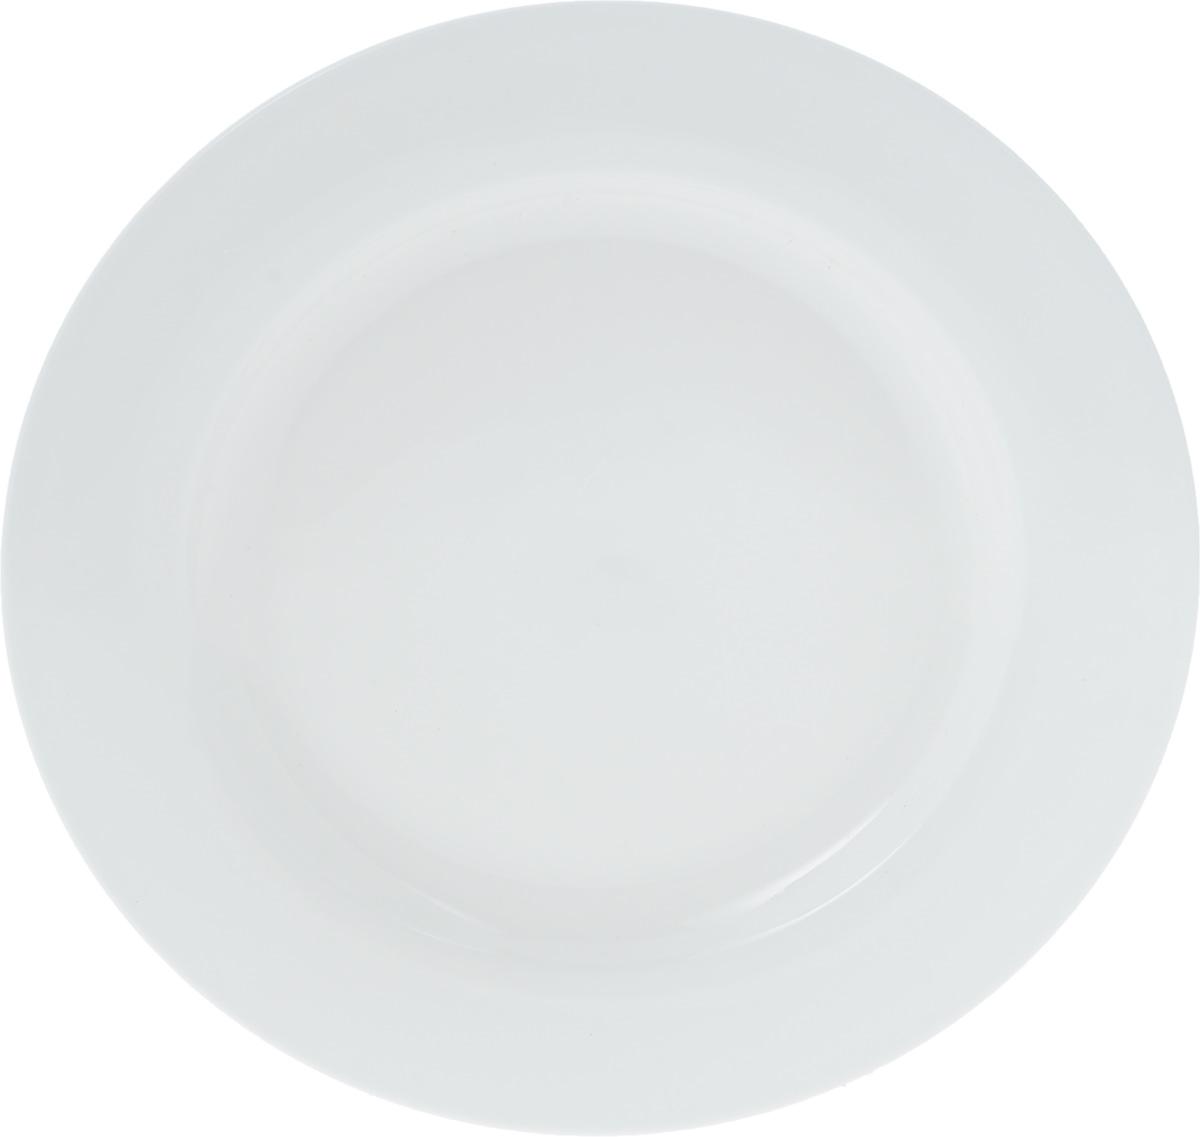 Тарелка Wilmax, диаметр 25,5 см. WL-991180 / A115510Тарелка Wilmax, изготовленная из высококачественного фарфора, имеет классическую круглую форму. Оригинальный дизайн придется по вкусу и ценителям классики, и тем, кто предпочитает утонченность и изысканность. Тарелка Wilmax идеально подойдет для сервировки стола и станет отличным подарком к любому празднику.